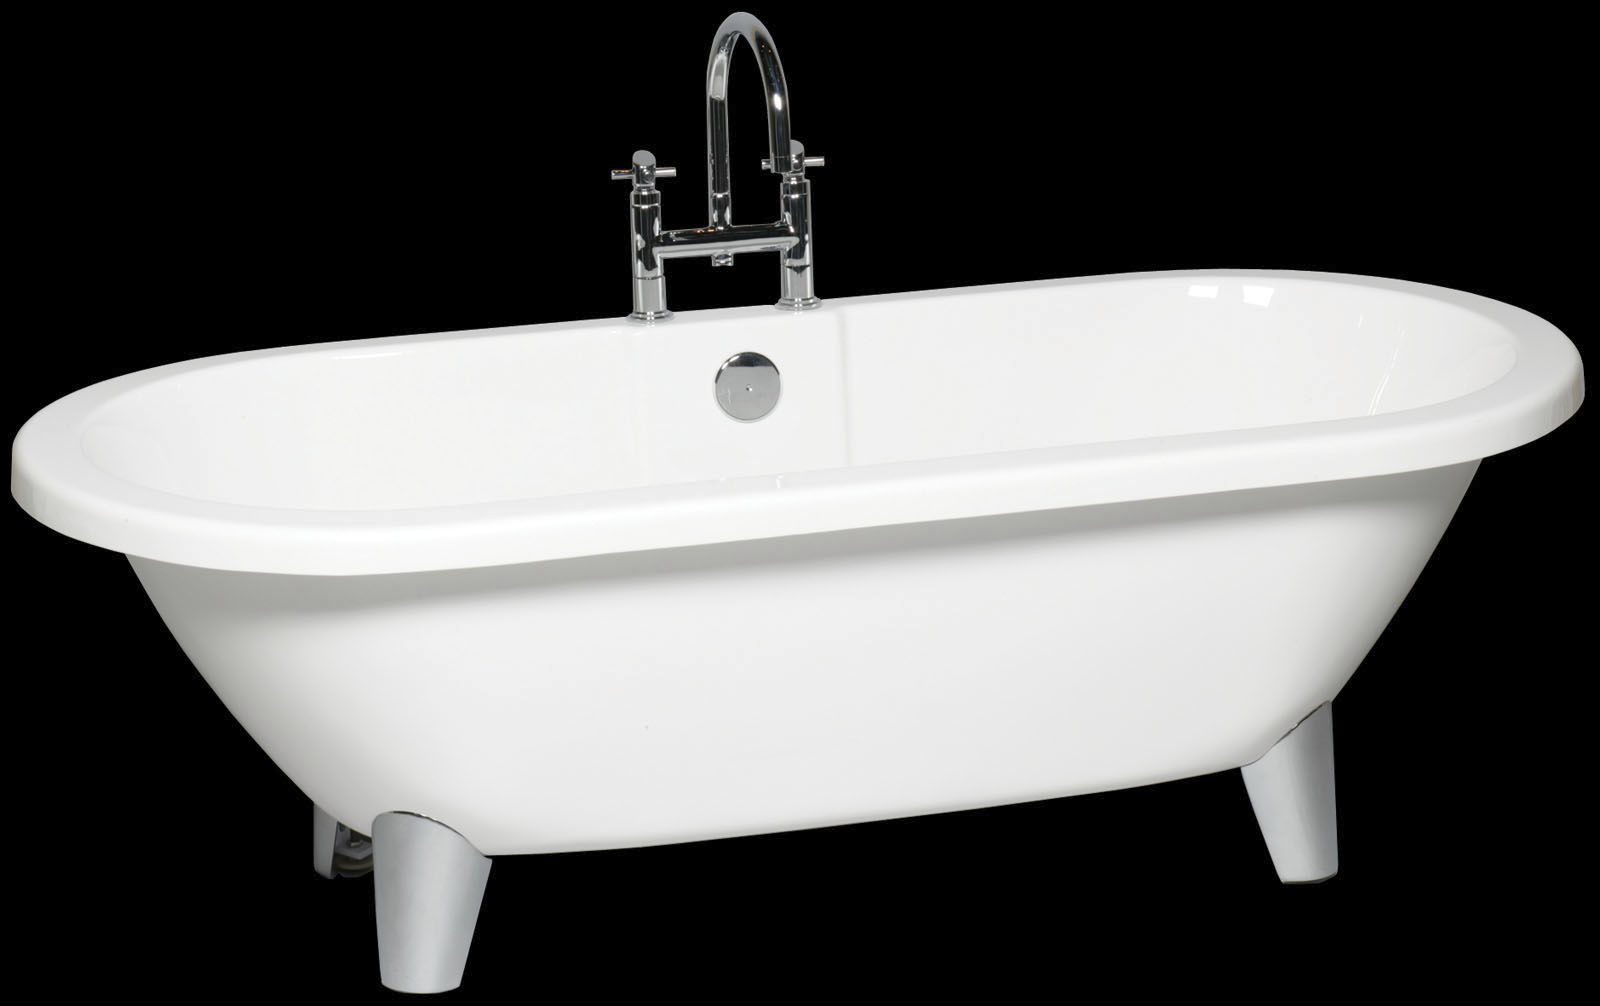 Vasca Da Bagno Freestanding In Acrilico : Vasca da bagno su piedi ovale in acrilico diana bba srl